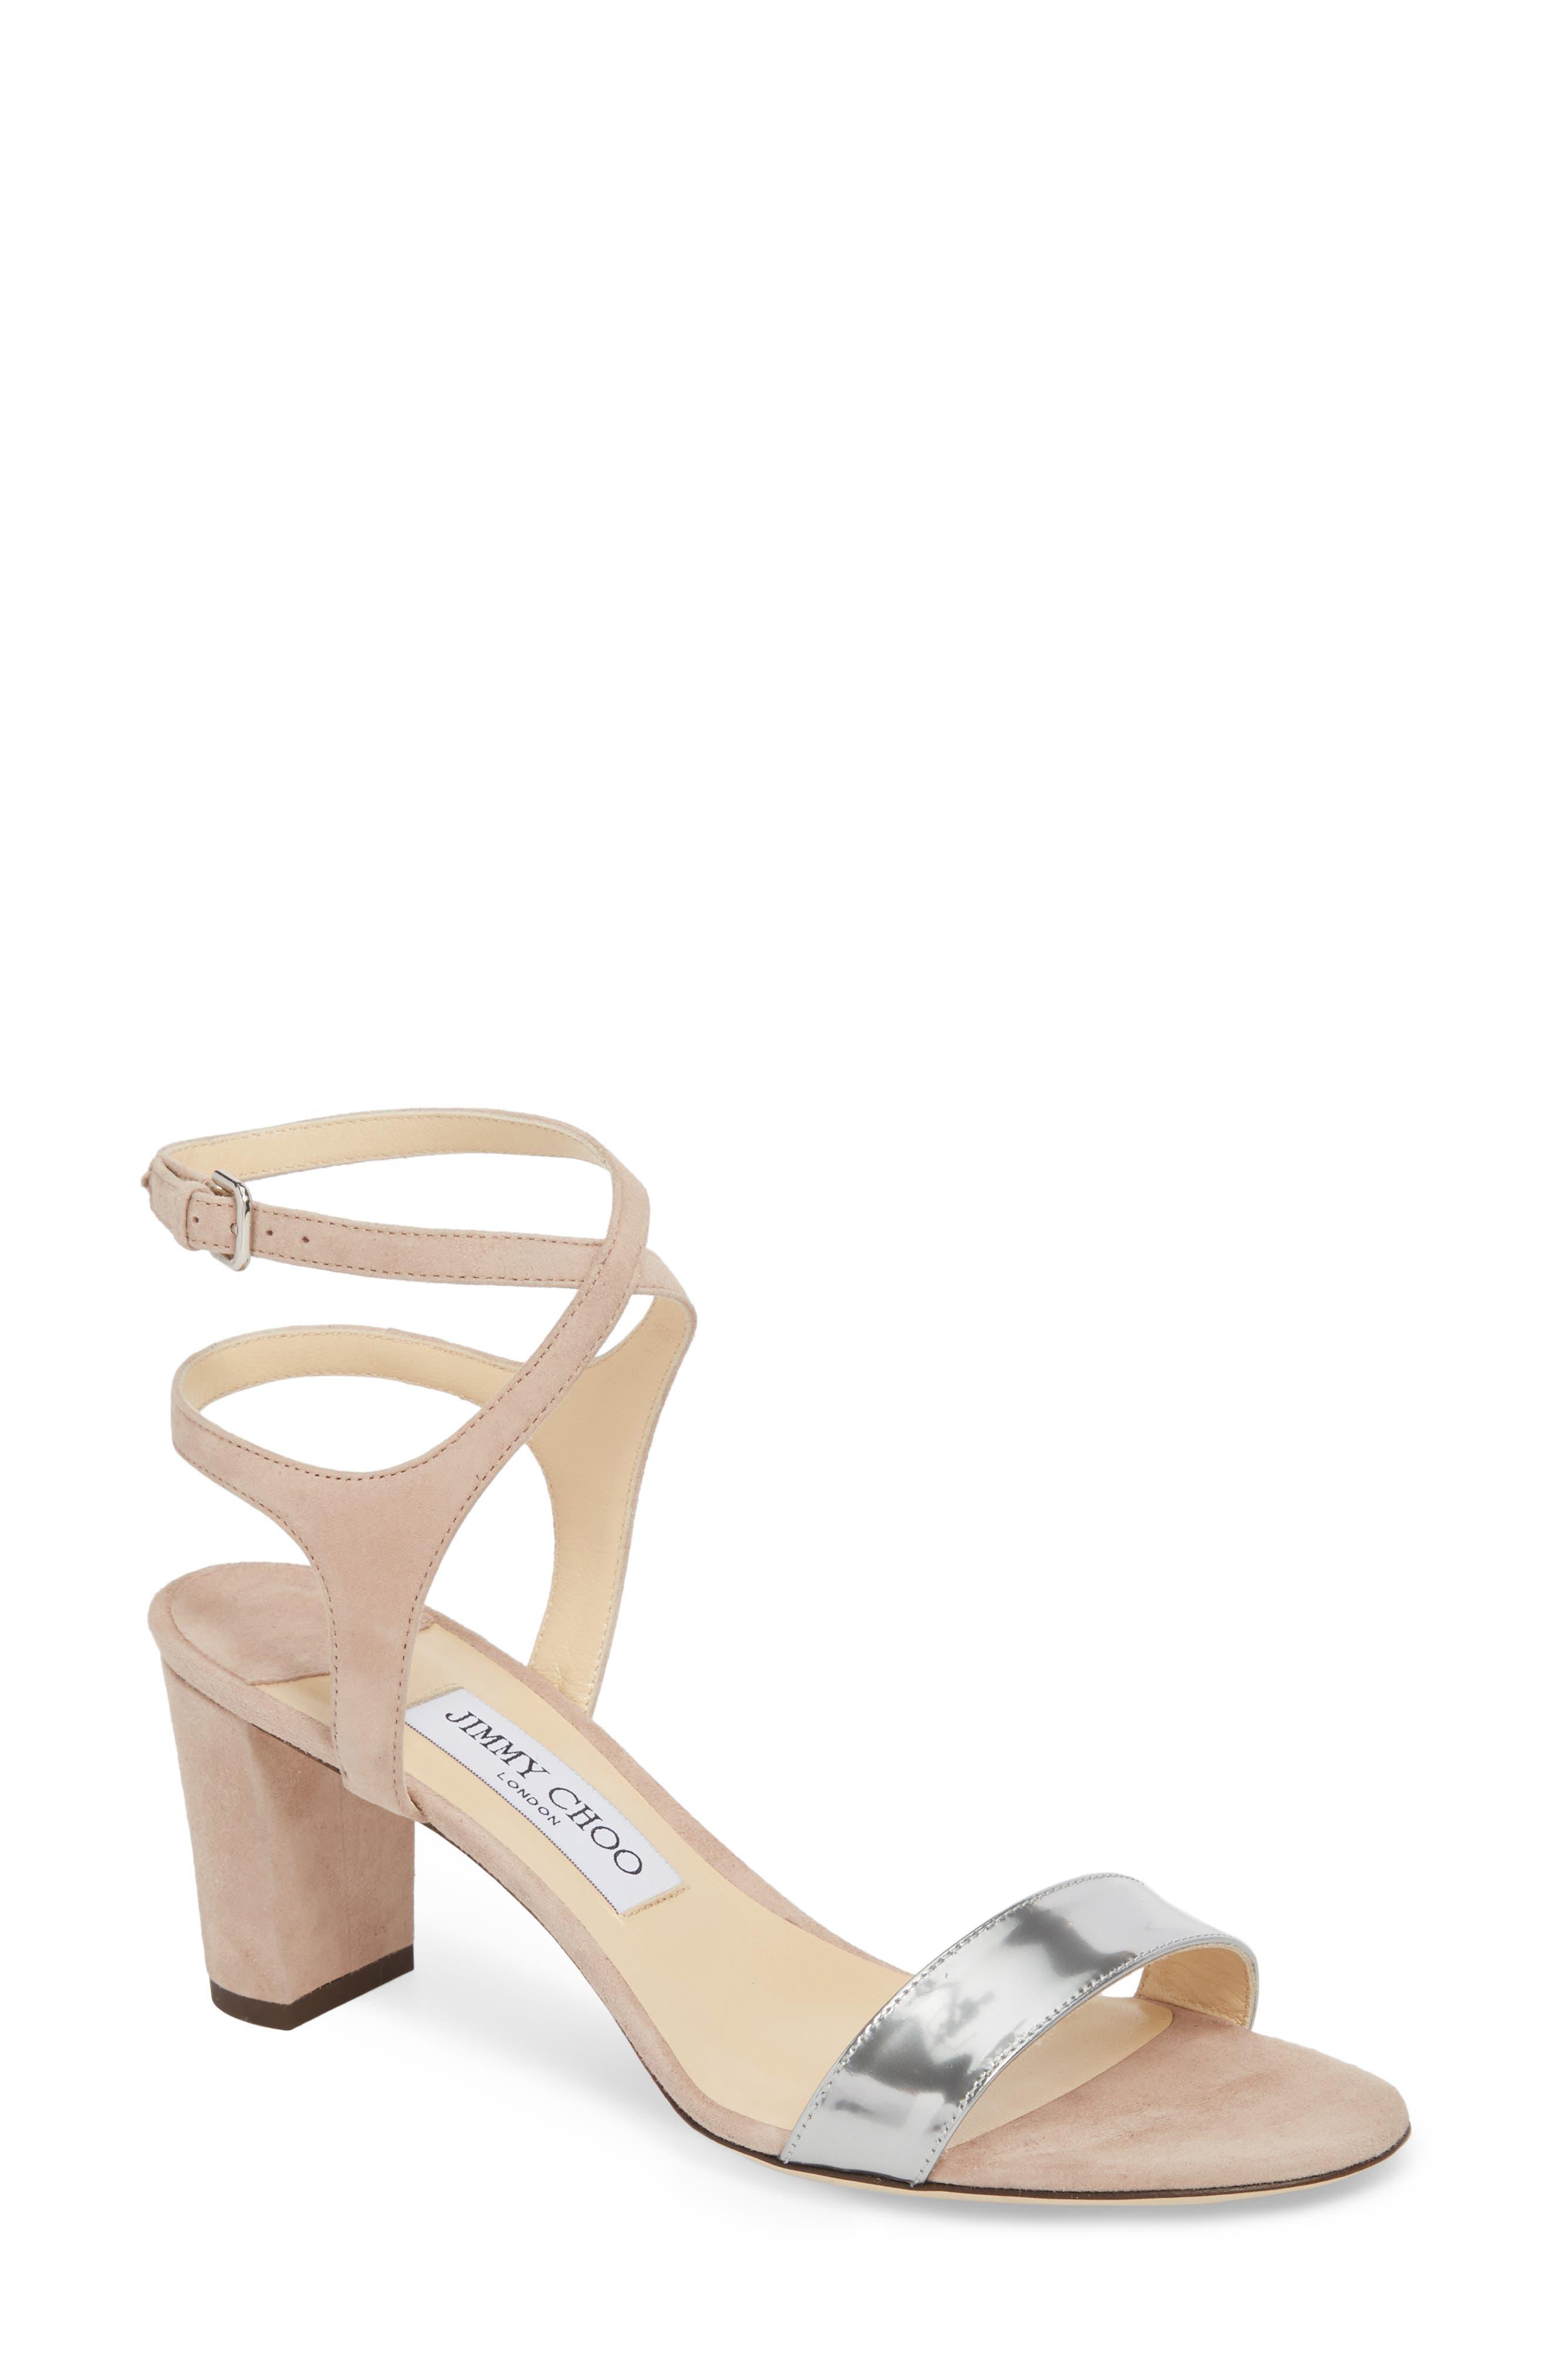 Marine Sandal,                         Main,                         color, Ballet Pink